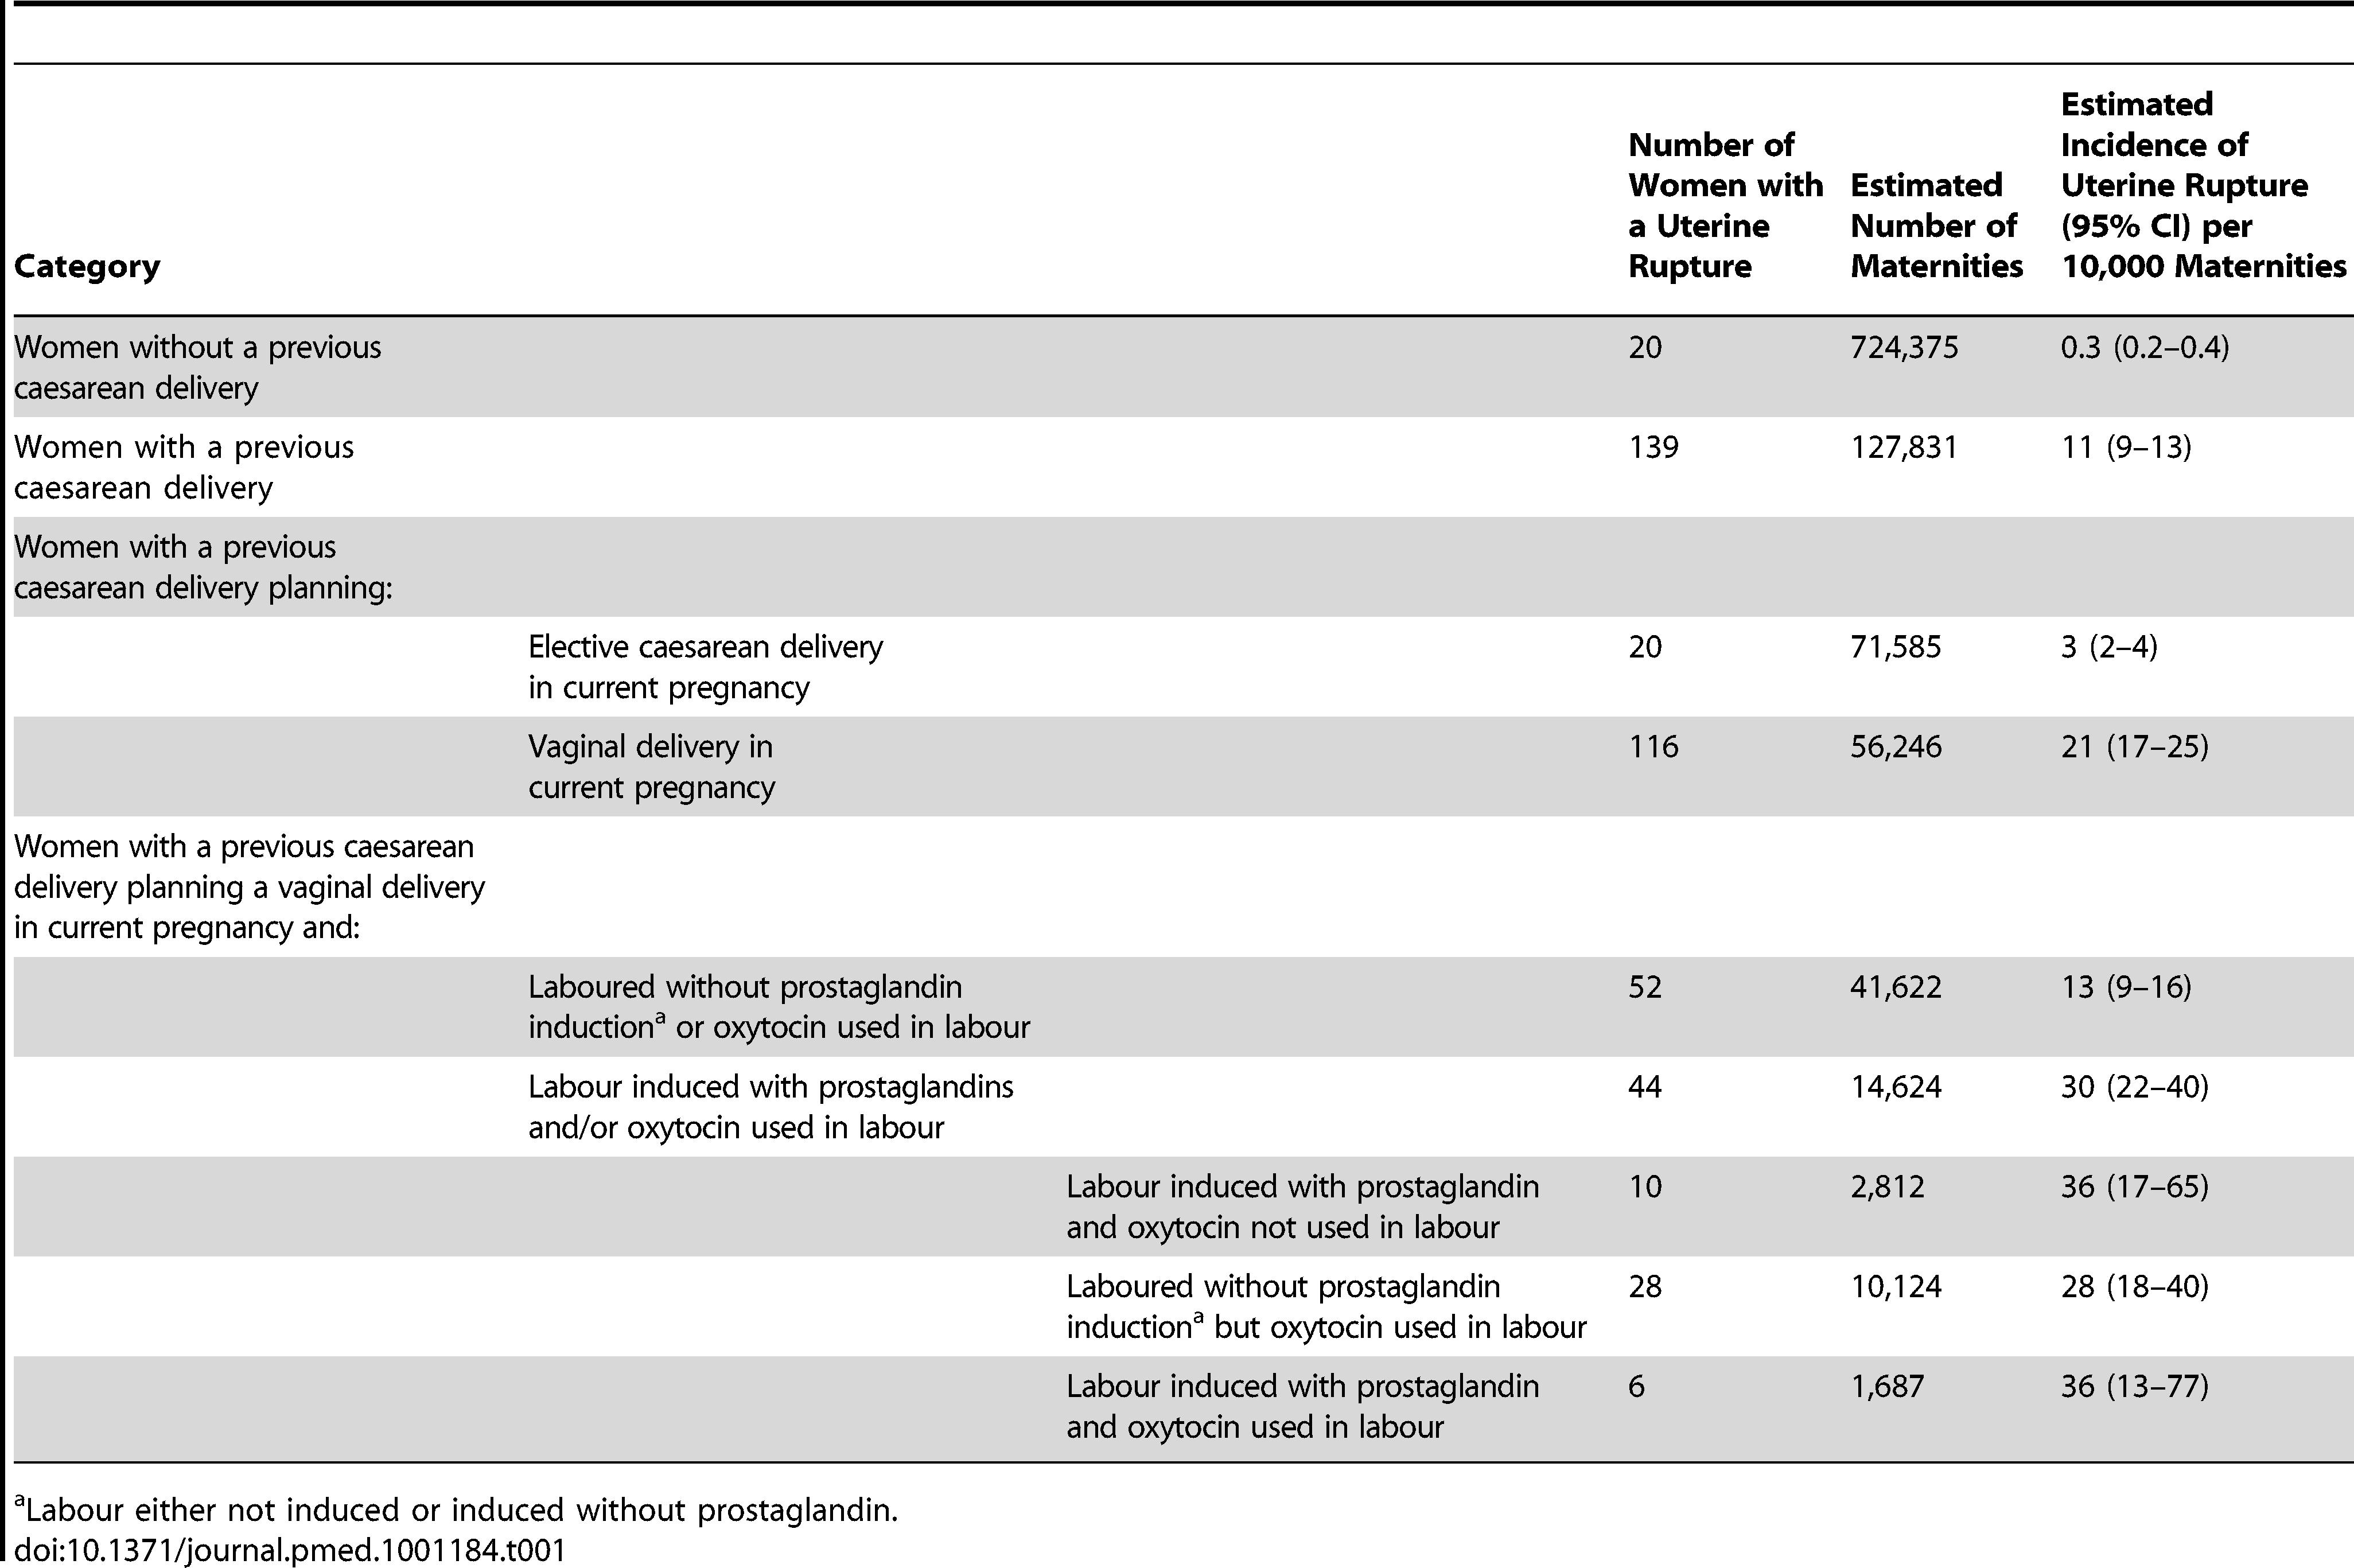 Estimated incidence of uterine rupture in different categories of women.